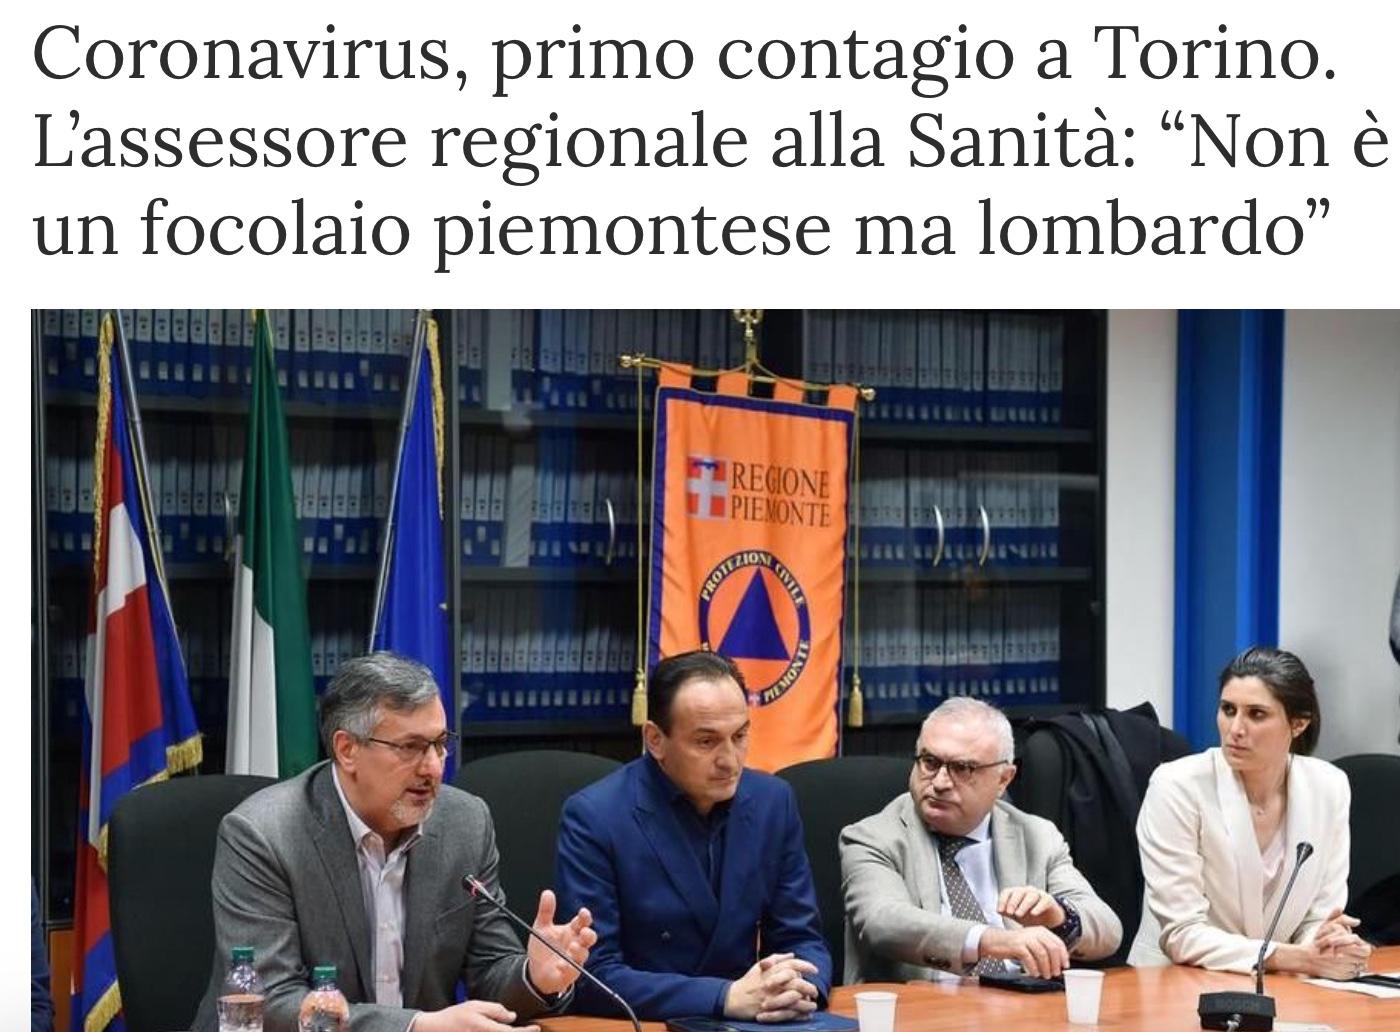 """Da """"La Stampa"""" sito web 22 febbraio"""